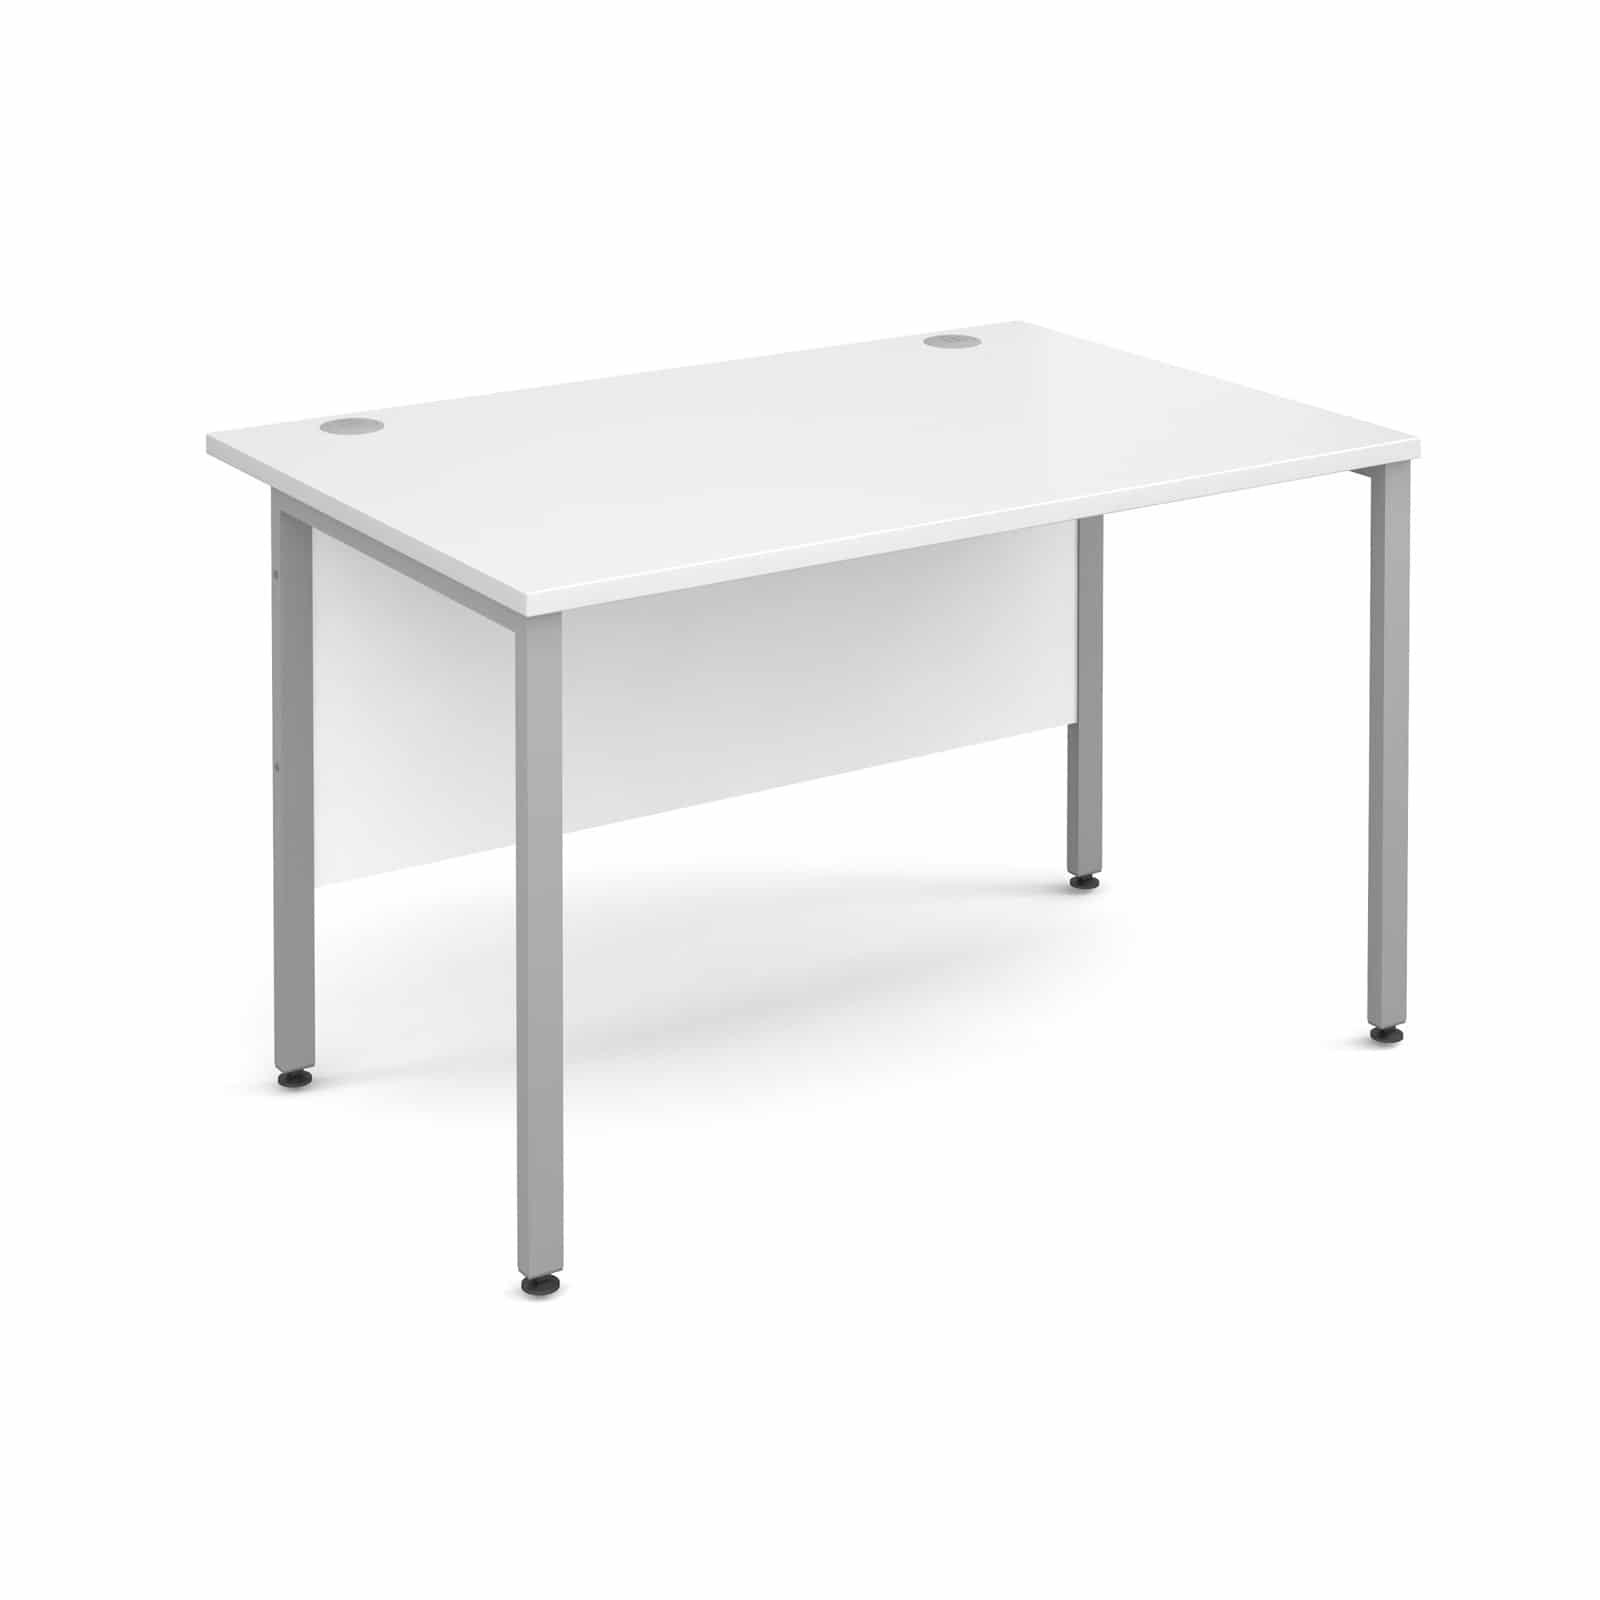 H Frame 1400mm Deep Straight White Ergonomic Office Desk 0